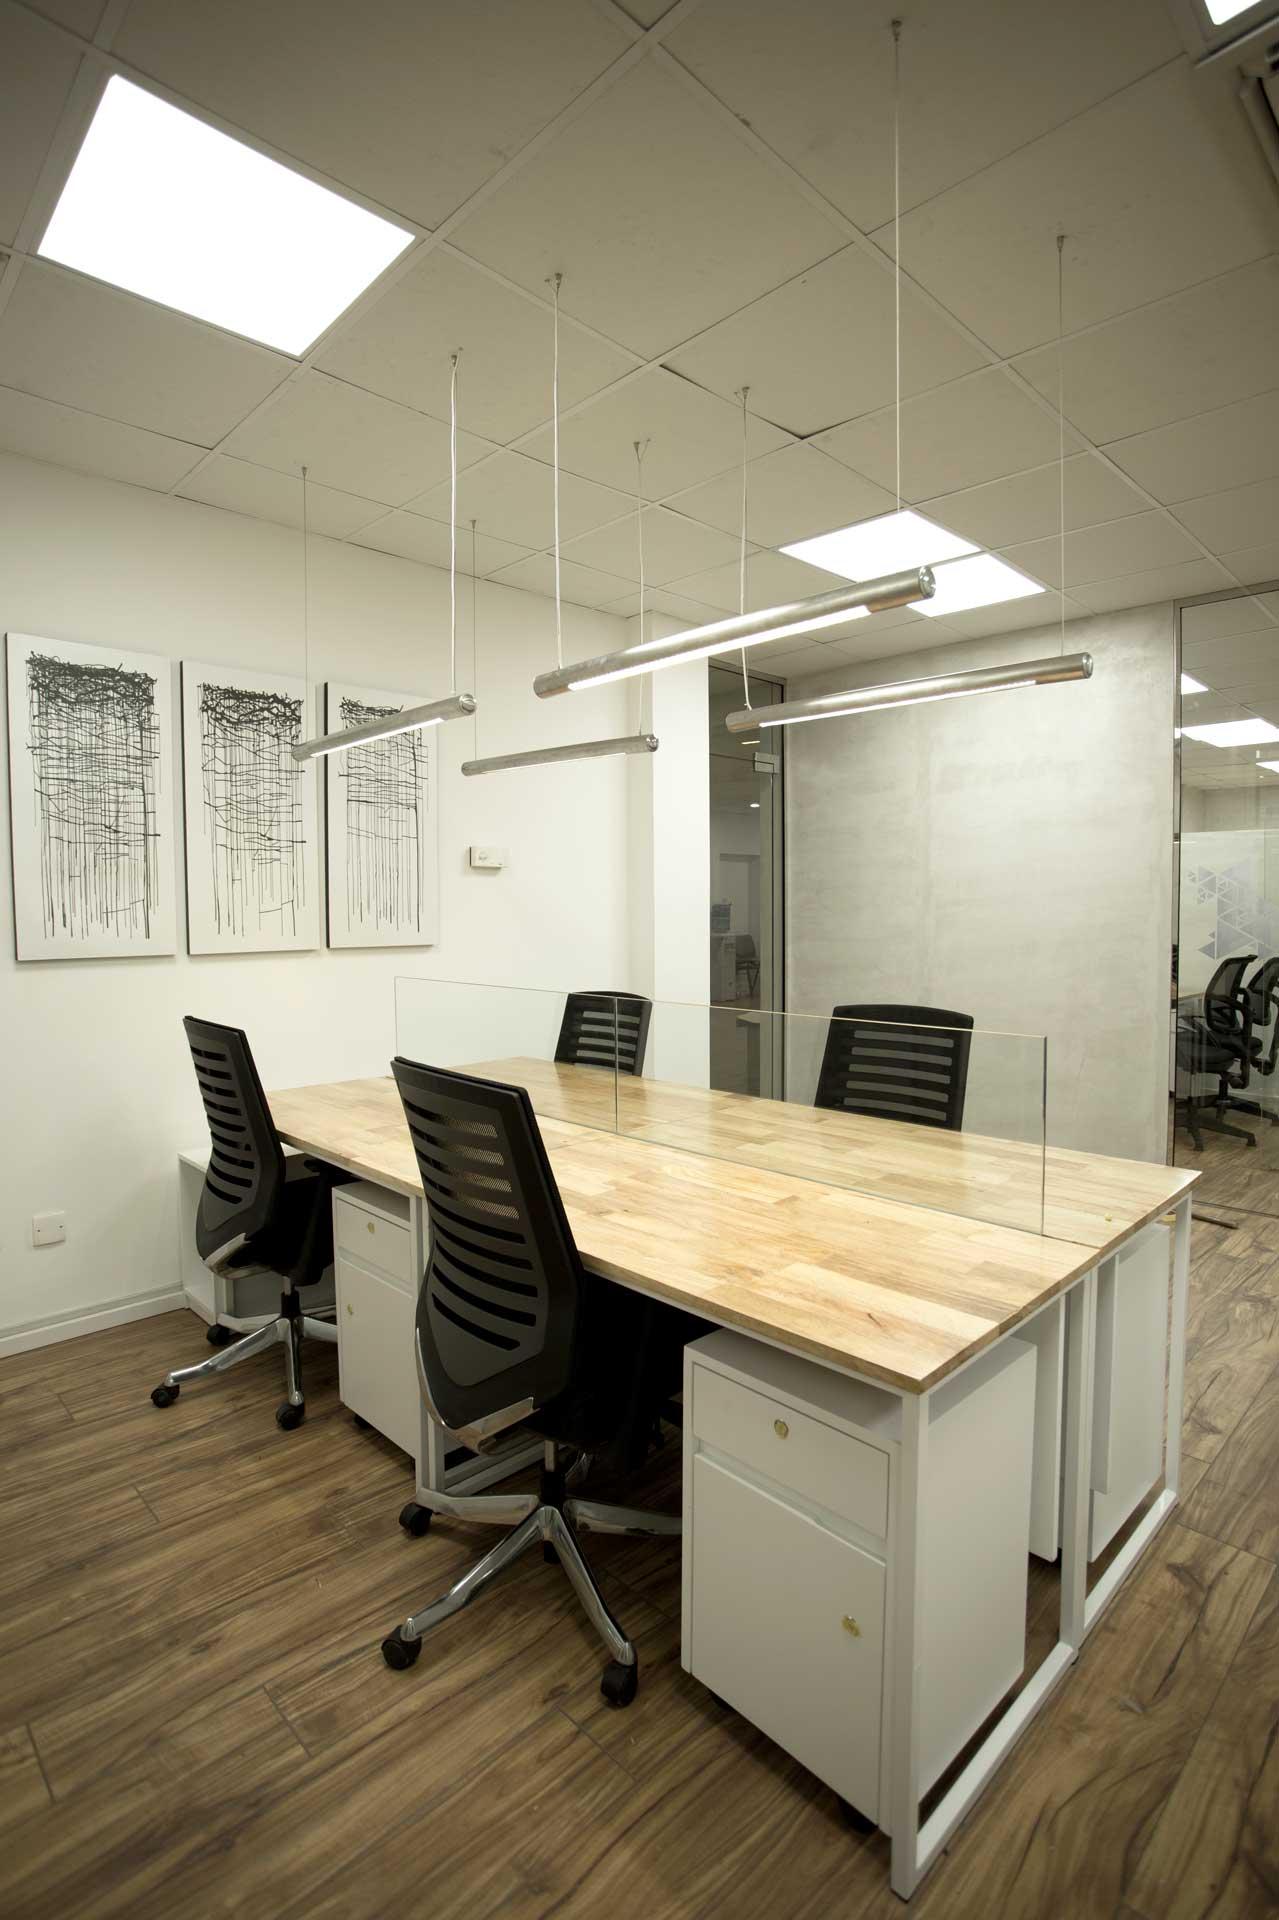 Employers Federation of Ceylon Image 05 | Legal Advisory Office Designing